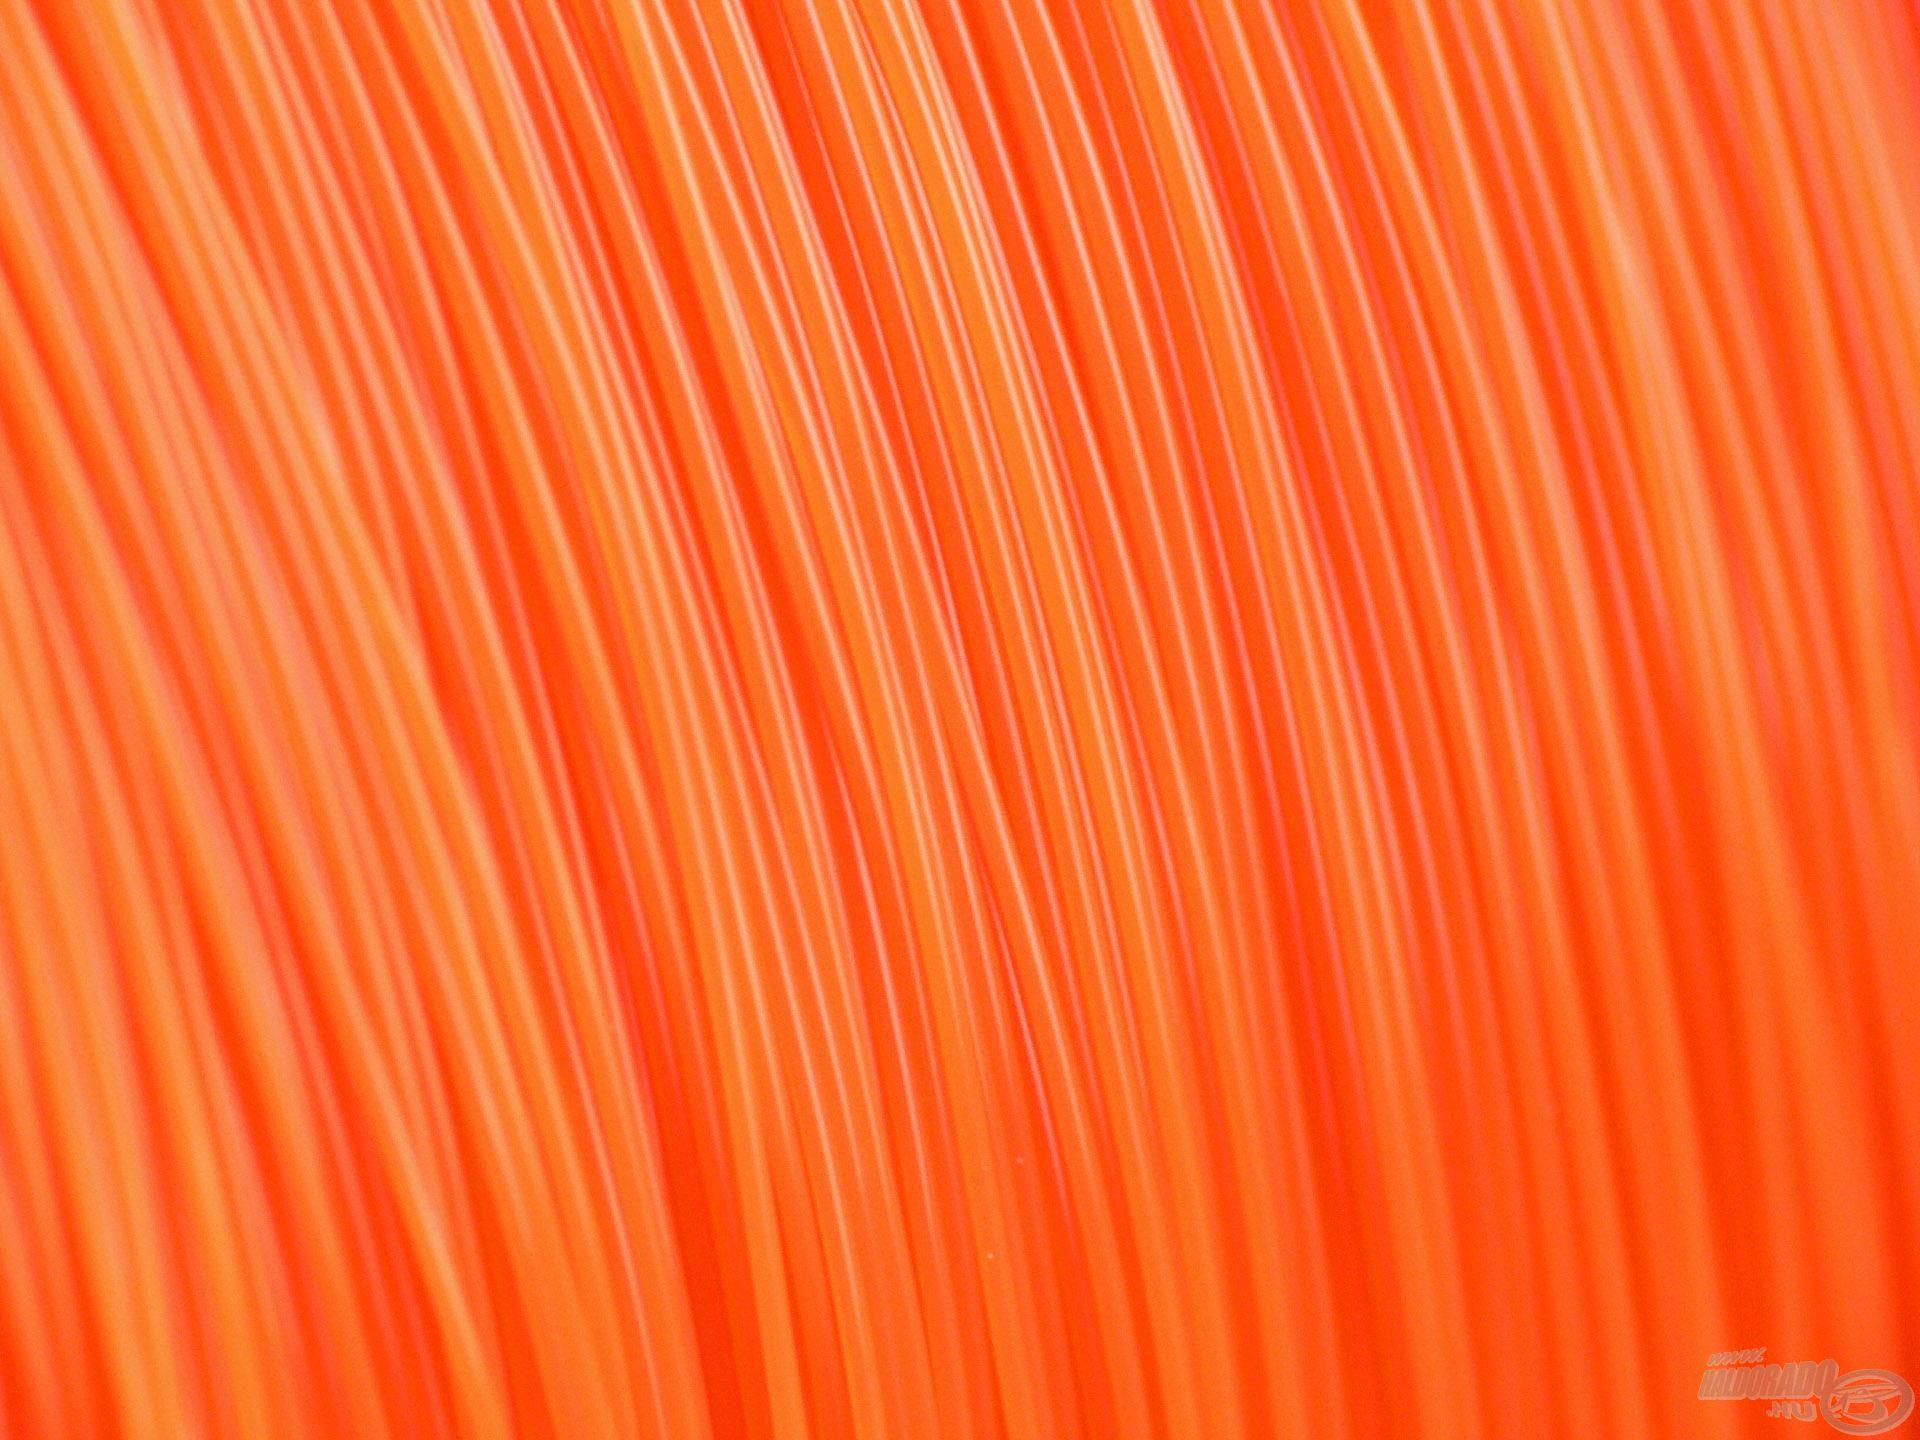 A zsinór szemrevaló narancssárga színe nemcsak jól mutat az orsókon, hanem nagy előnyt is jelent az éjszakai horgászatok során